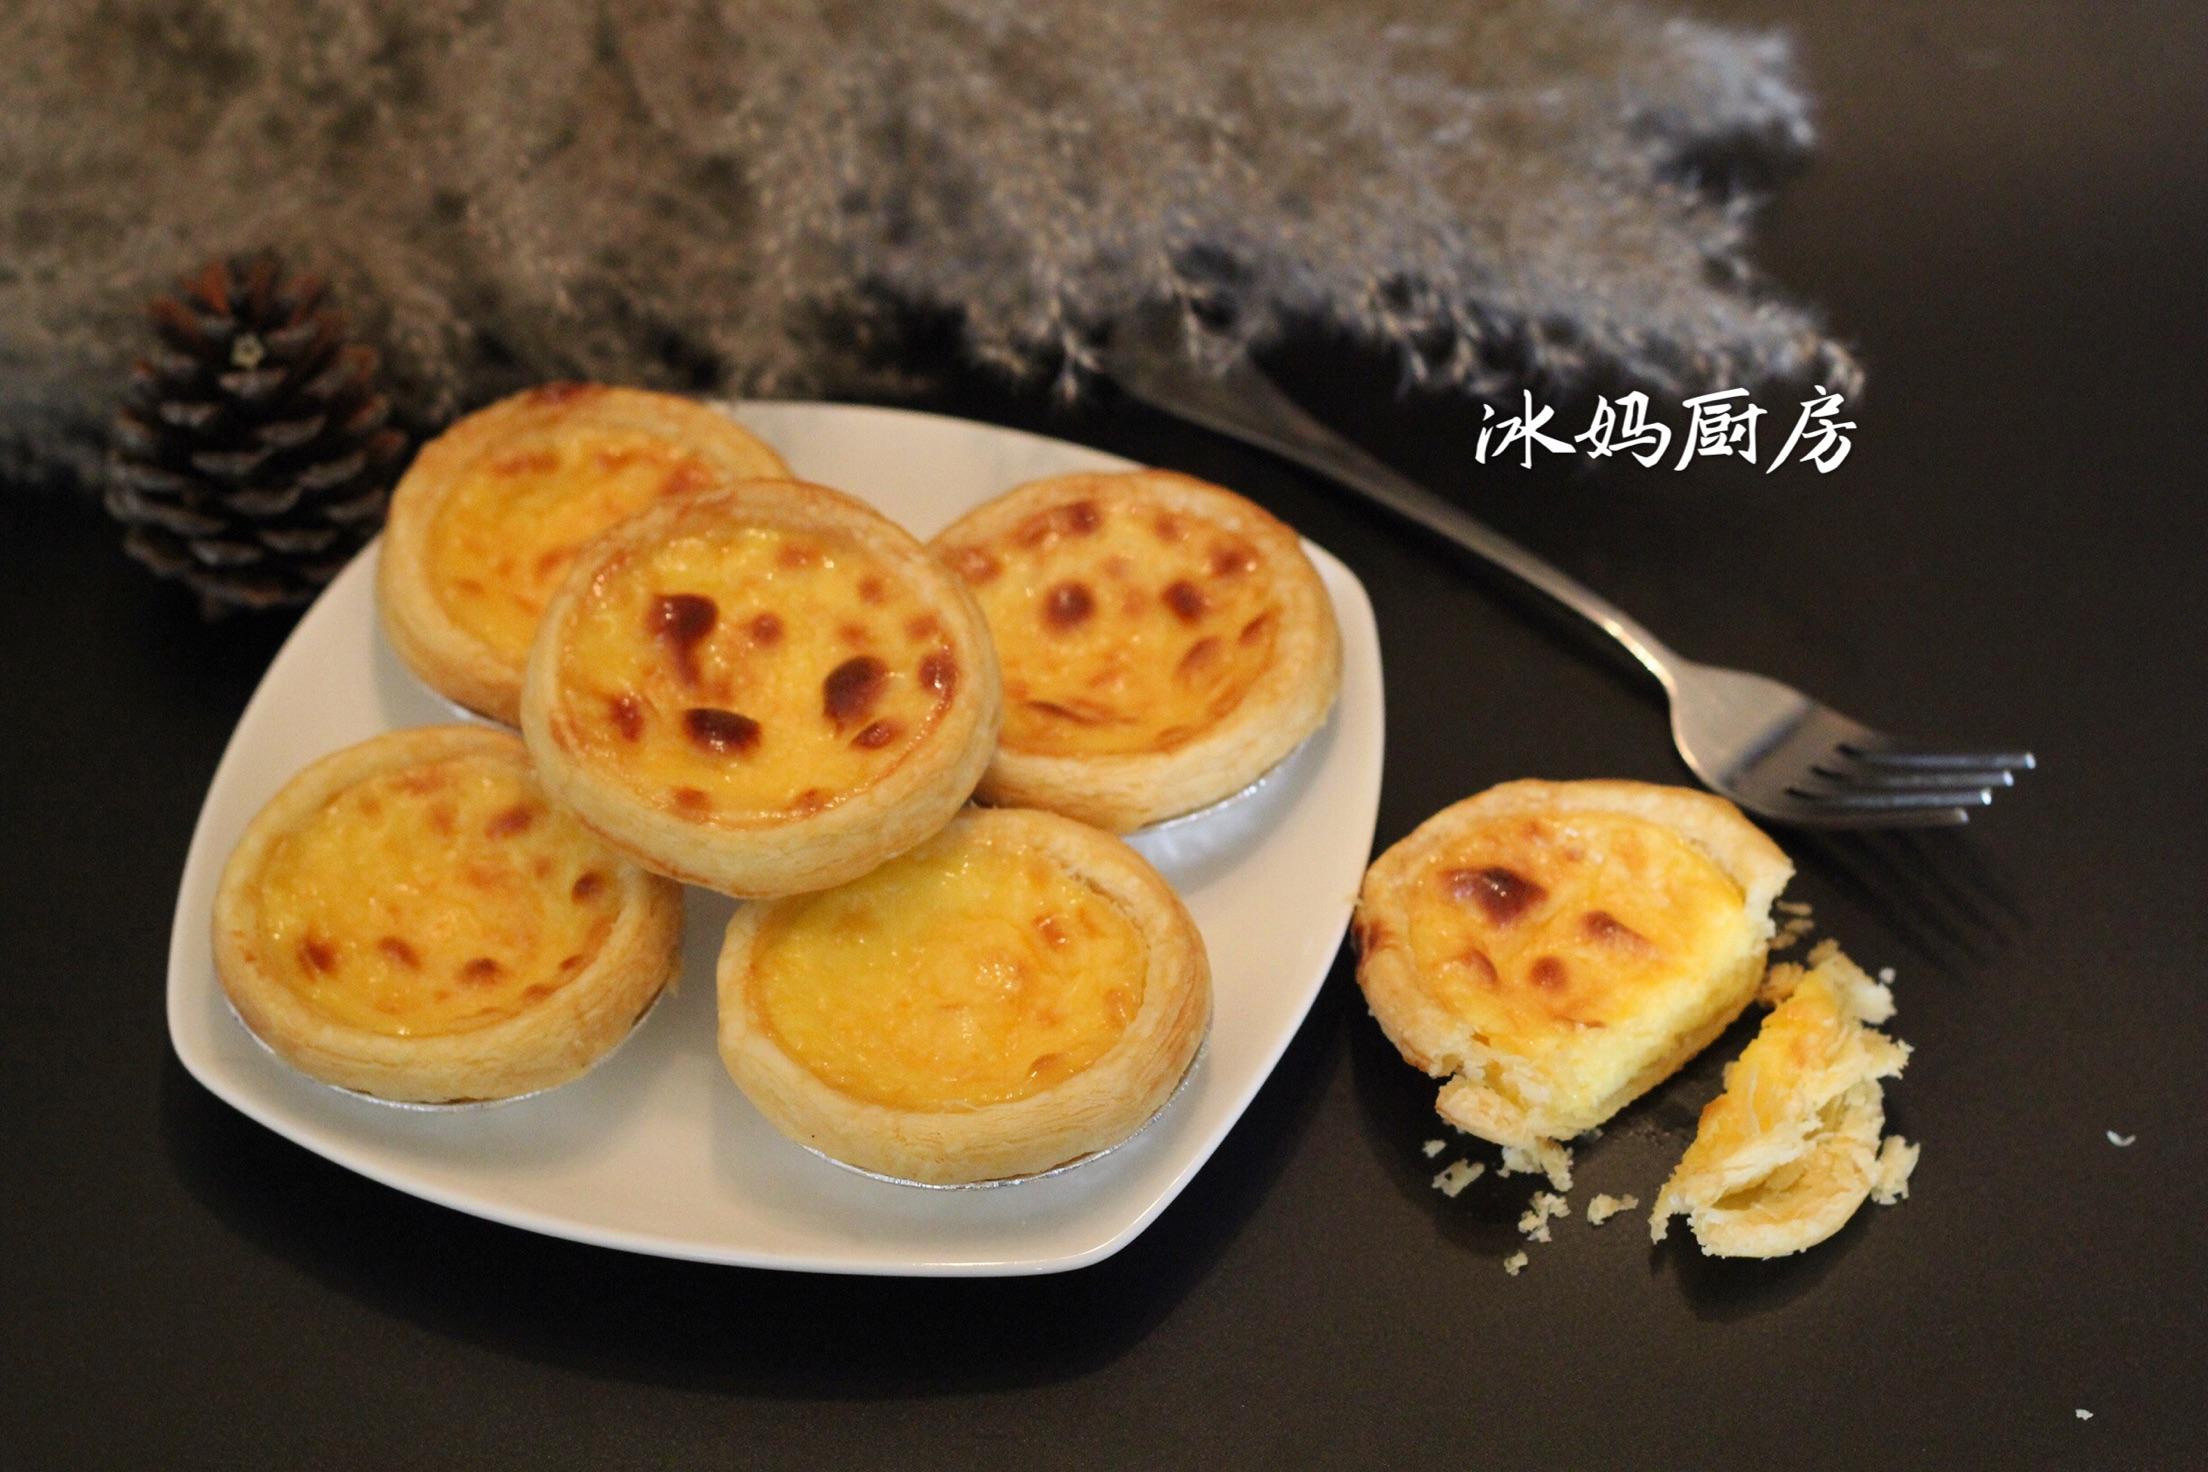 蛋挞的做法步骤        本菜谱的做法由  编写,未经授权不得转载